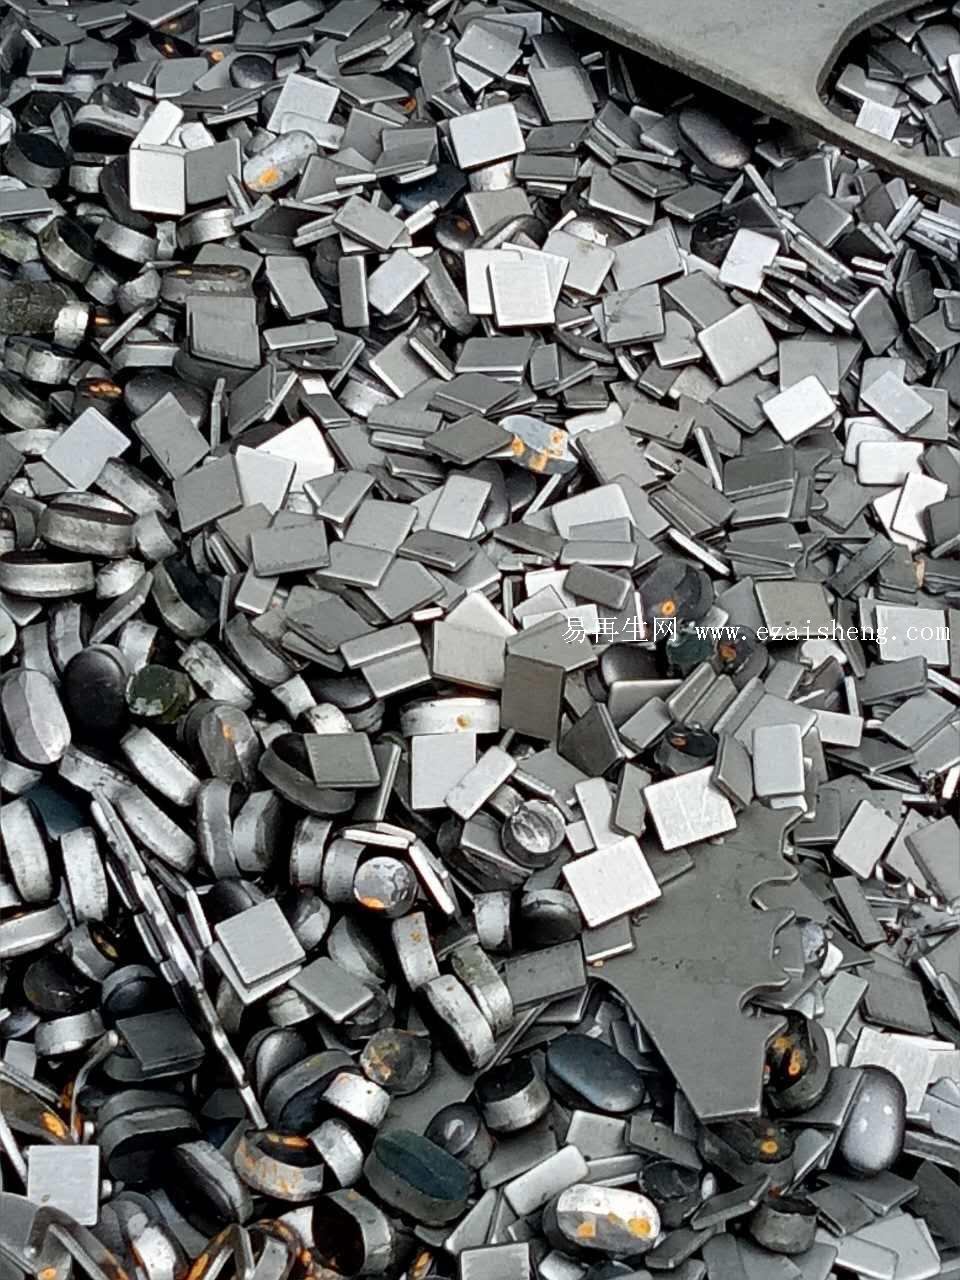 吸废钢电磁盘电路图